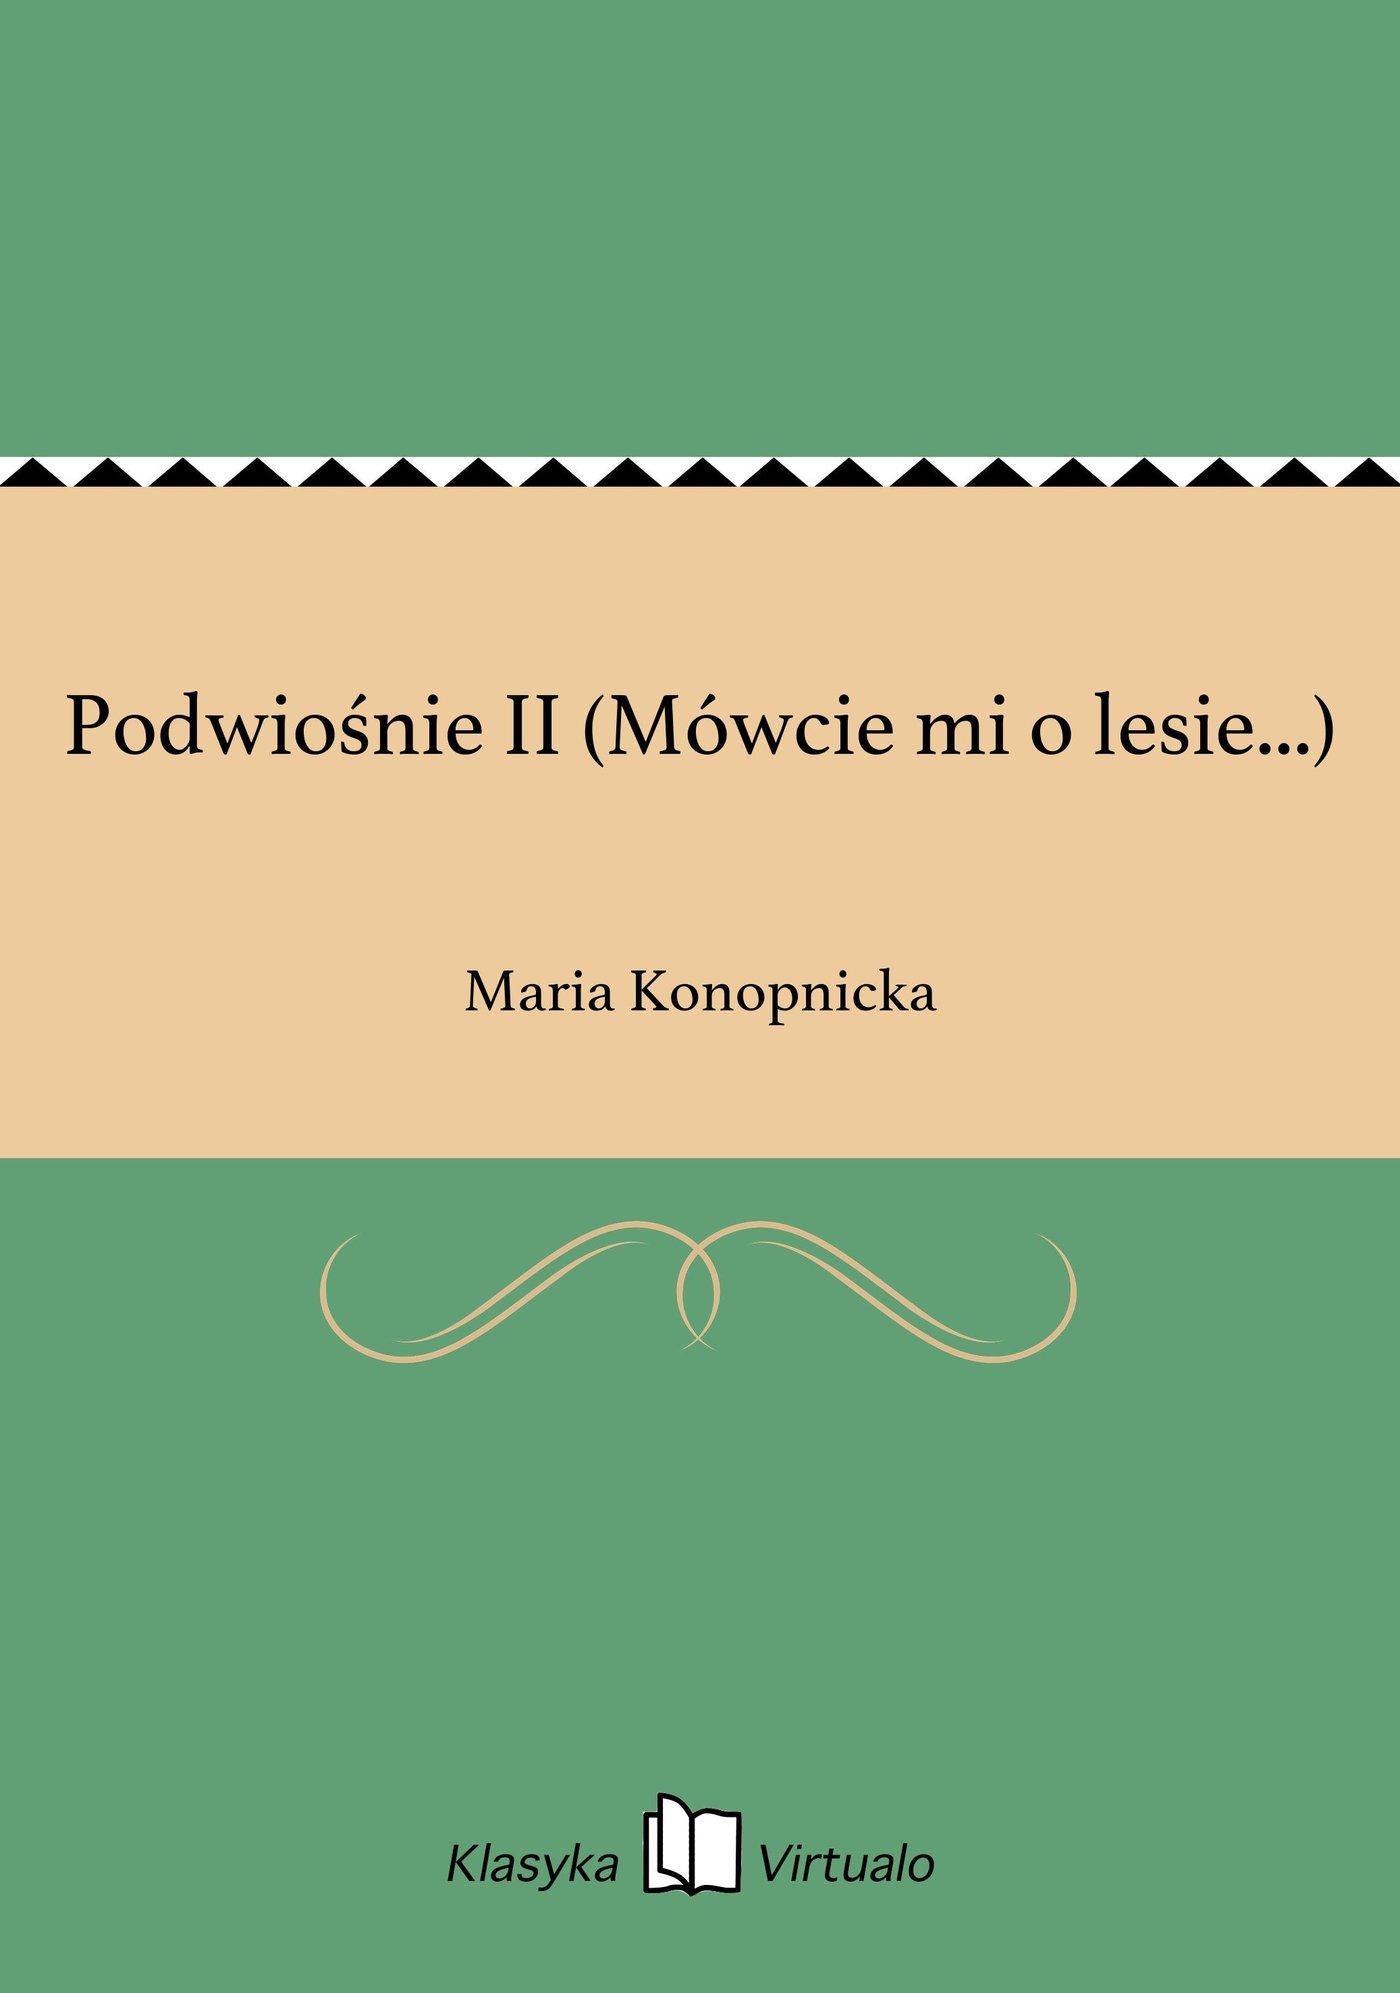 Podwiośnie II (Mówcie mi o lesie...) - Ebook (Książka na Kindle) do pobrania w formacie MOBI